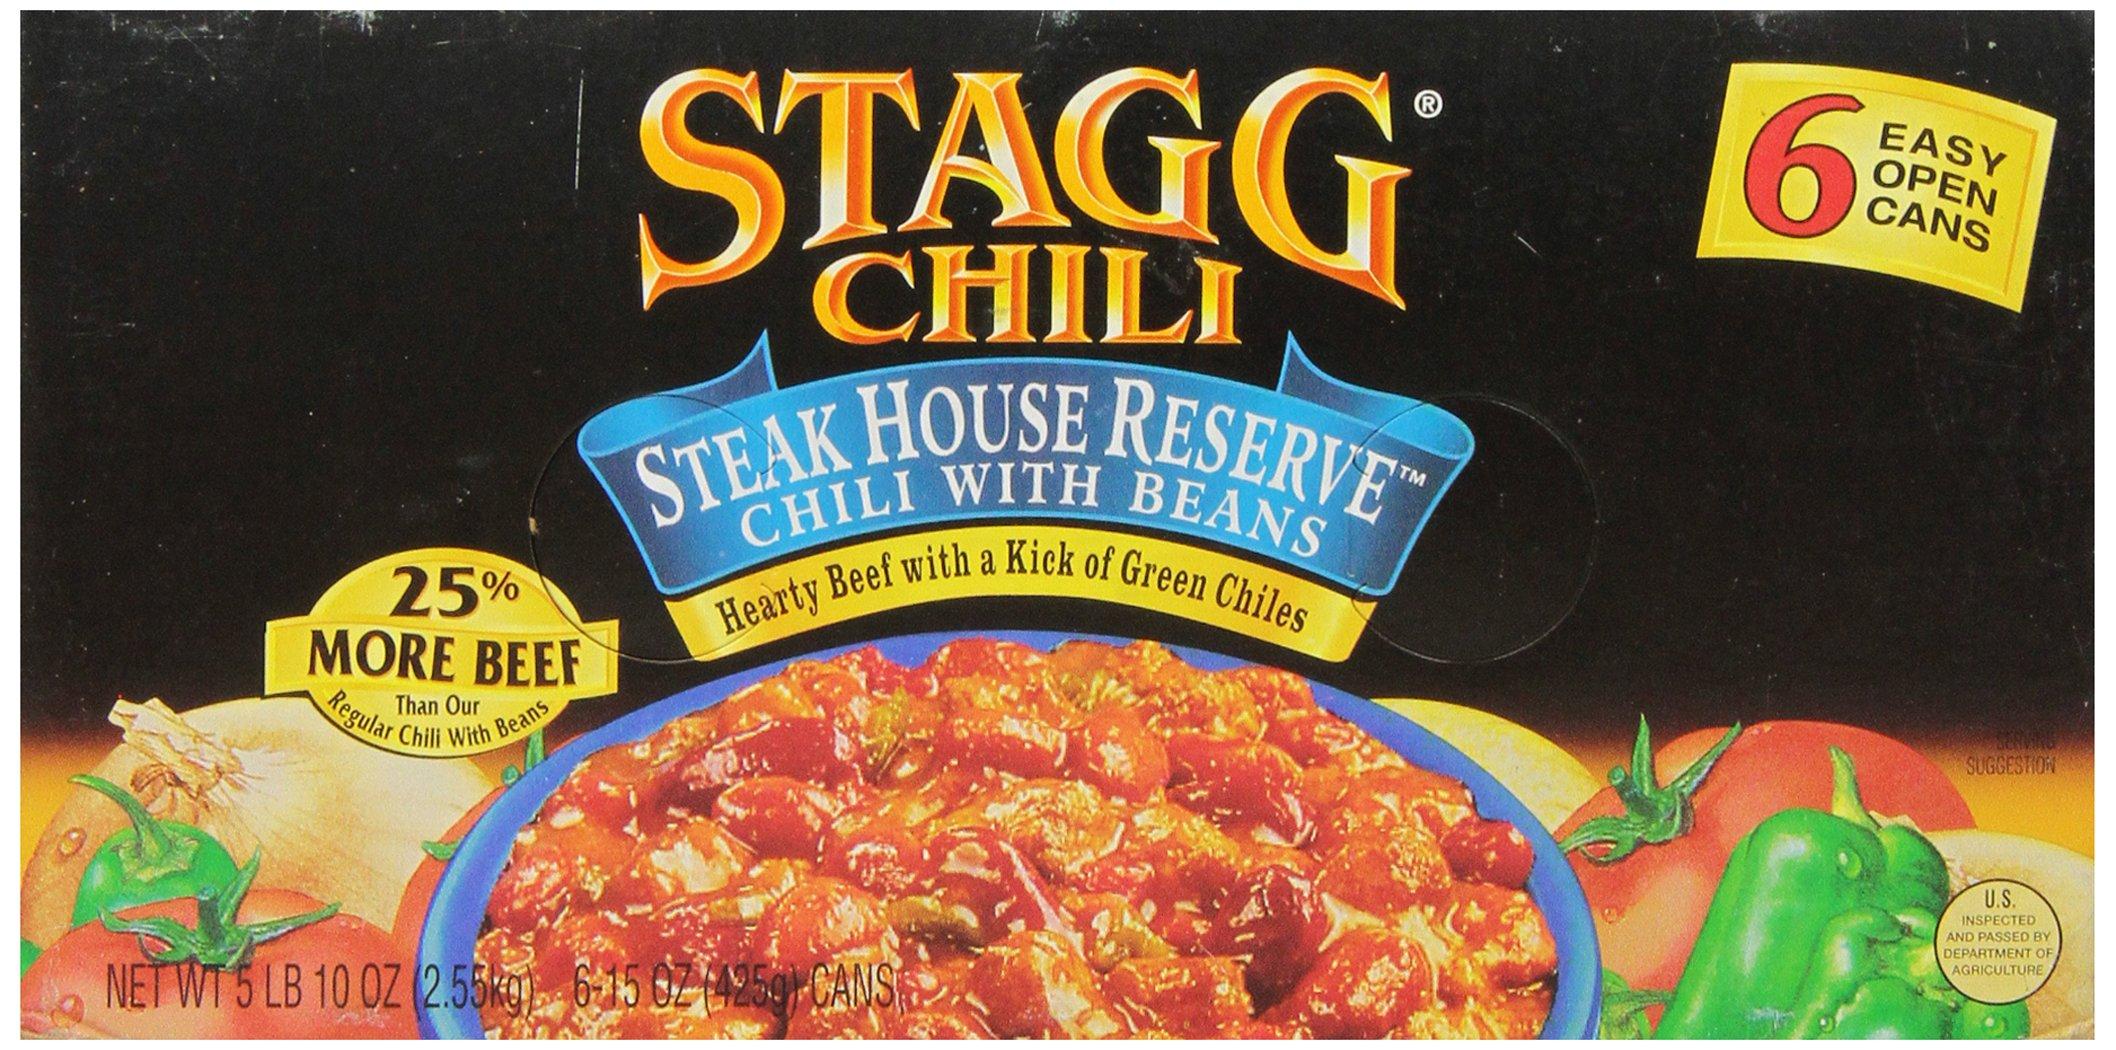 Stagg Chili Copycat Recipe